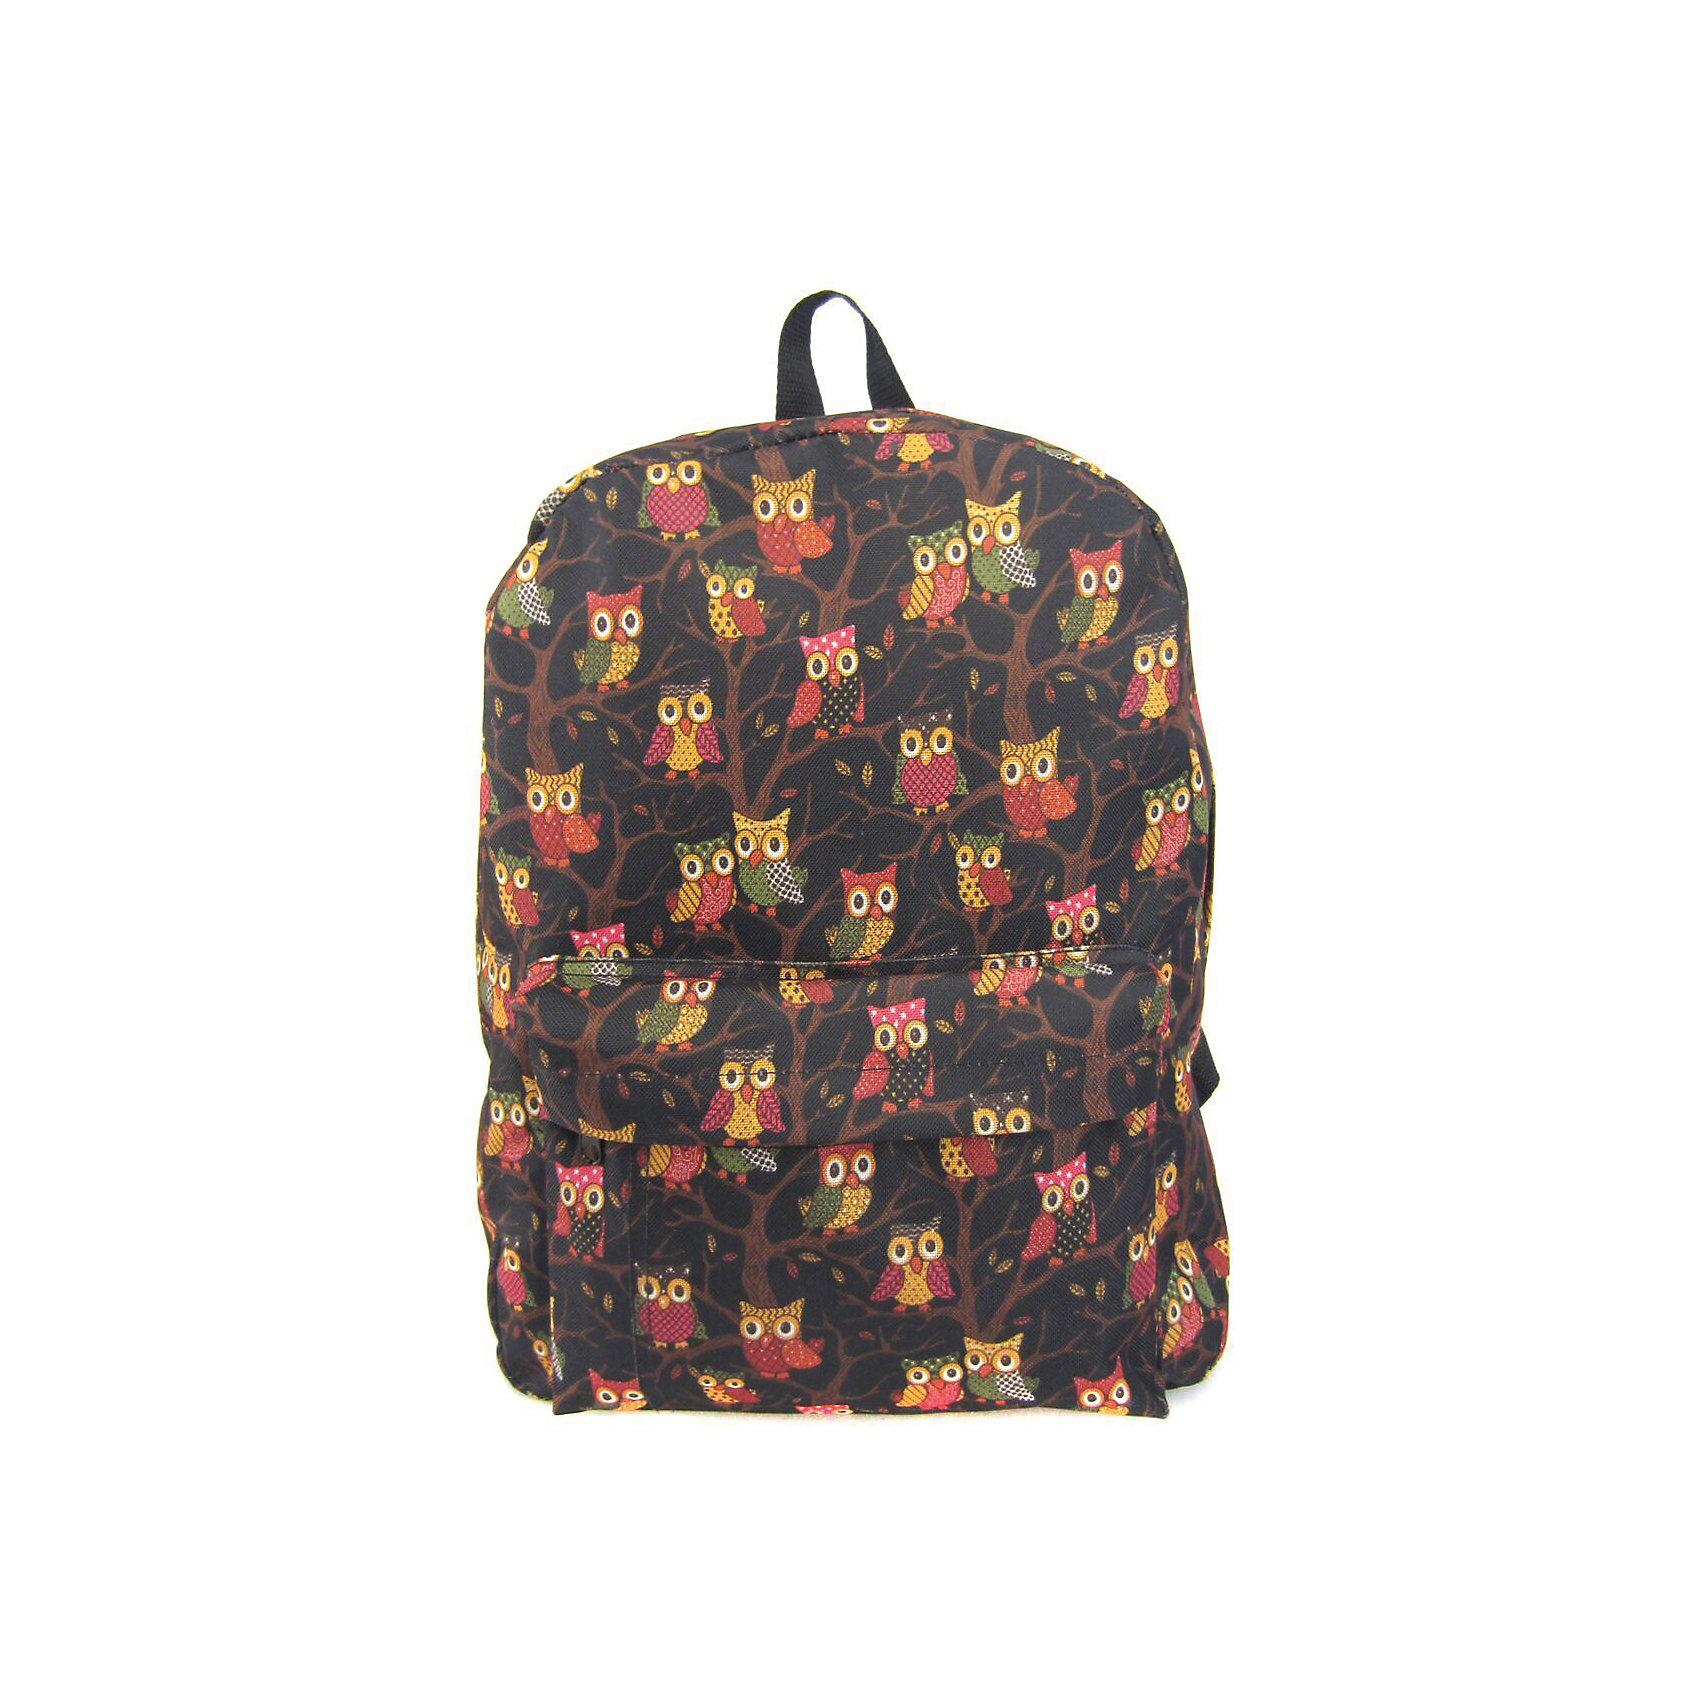 Рюкзак Филины с 1 карманом, цвет черныйРюкзаки<br>Вес: 0,3 кг<br>Размер: 40х32х13 см<br>Состав: рюкзак<br>Наличие светоотражающих элементов: нет<br>Материал: полиэстер<br><br>Ширина мм: 400<br>Глубина мм: 320<br>Высота мм: 130<br>Вес г: 300<br>Возраст от месяцев: 84<br>Возраст до месяцев: 720<br>Пол: Унисекс<br>Возраст: Детский<br>SKU: 7054048